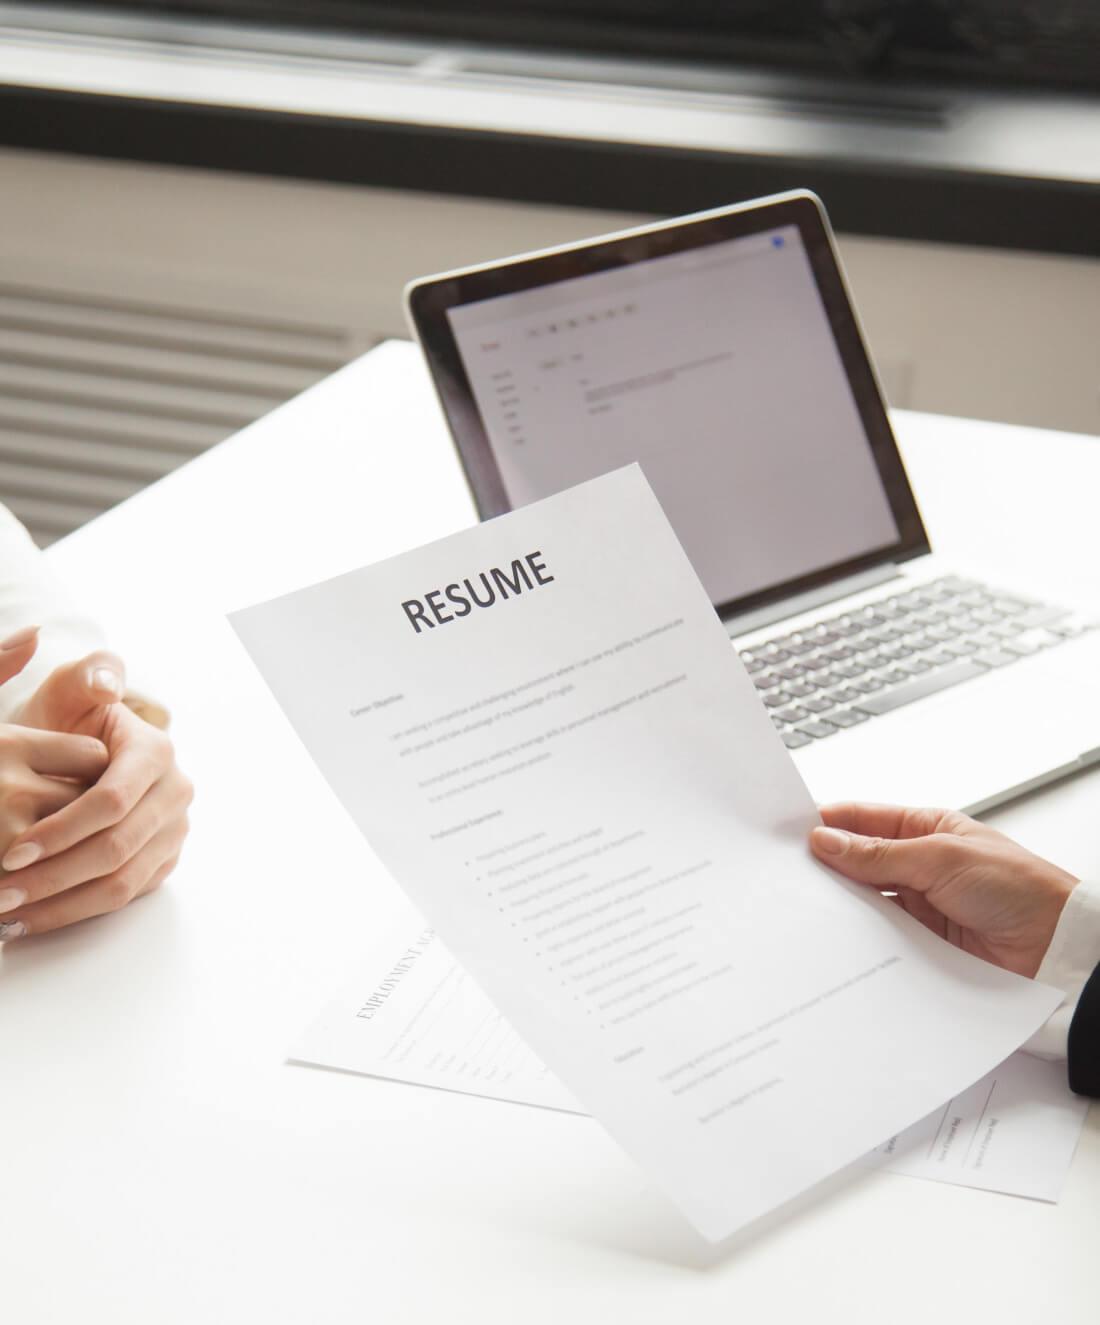 136 заявок для агентства по трудоустройству - кейс iPapus Agency